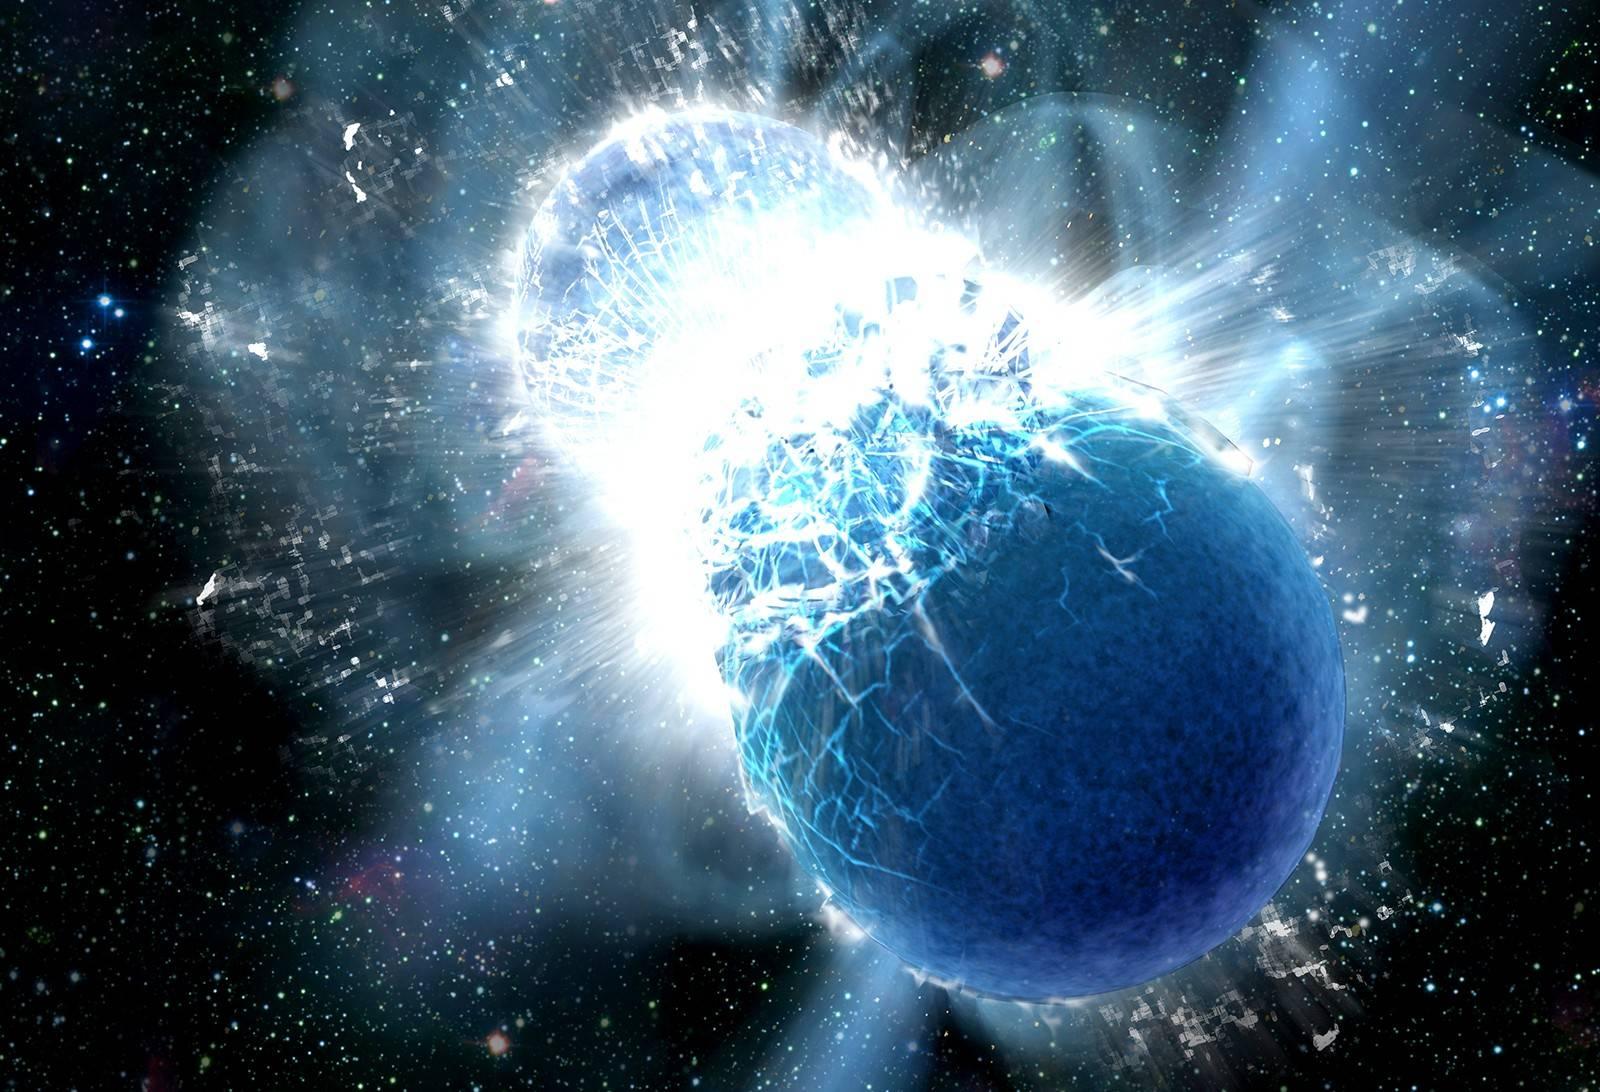 «Звезда смерти» HIP 85605 уничтожит Землю и Солнечную систему. Приблизительно через 240 тысяч лет